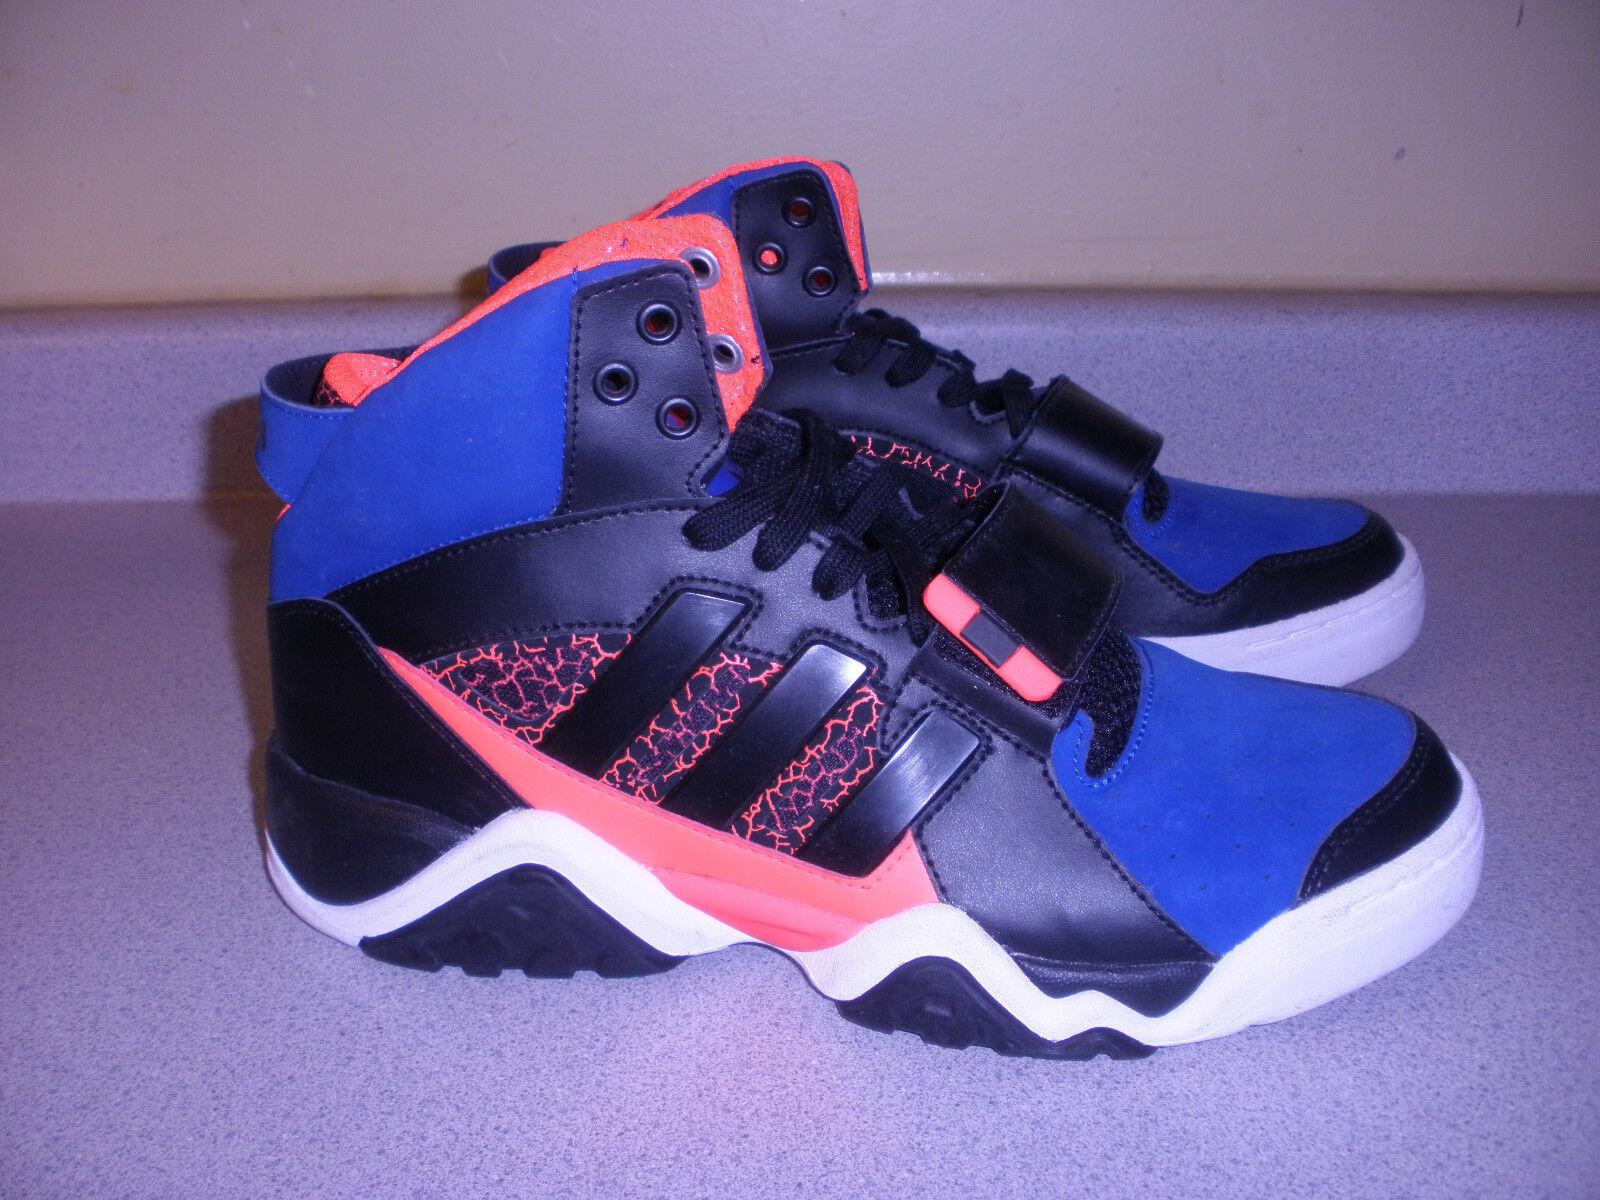 Adidas streetball 1,5 uomini blu campione scarpe taglia 9 blu uomini e nero arancione bianco 74f3d6